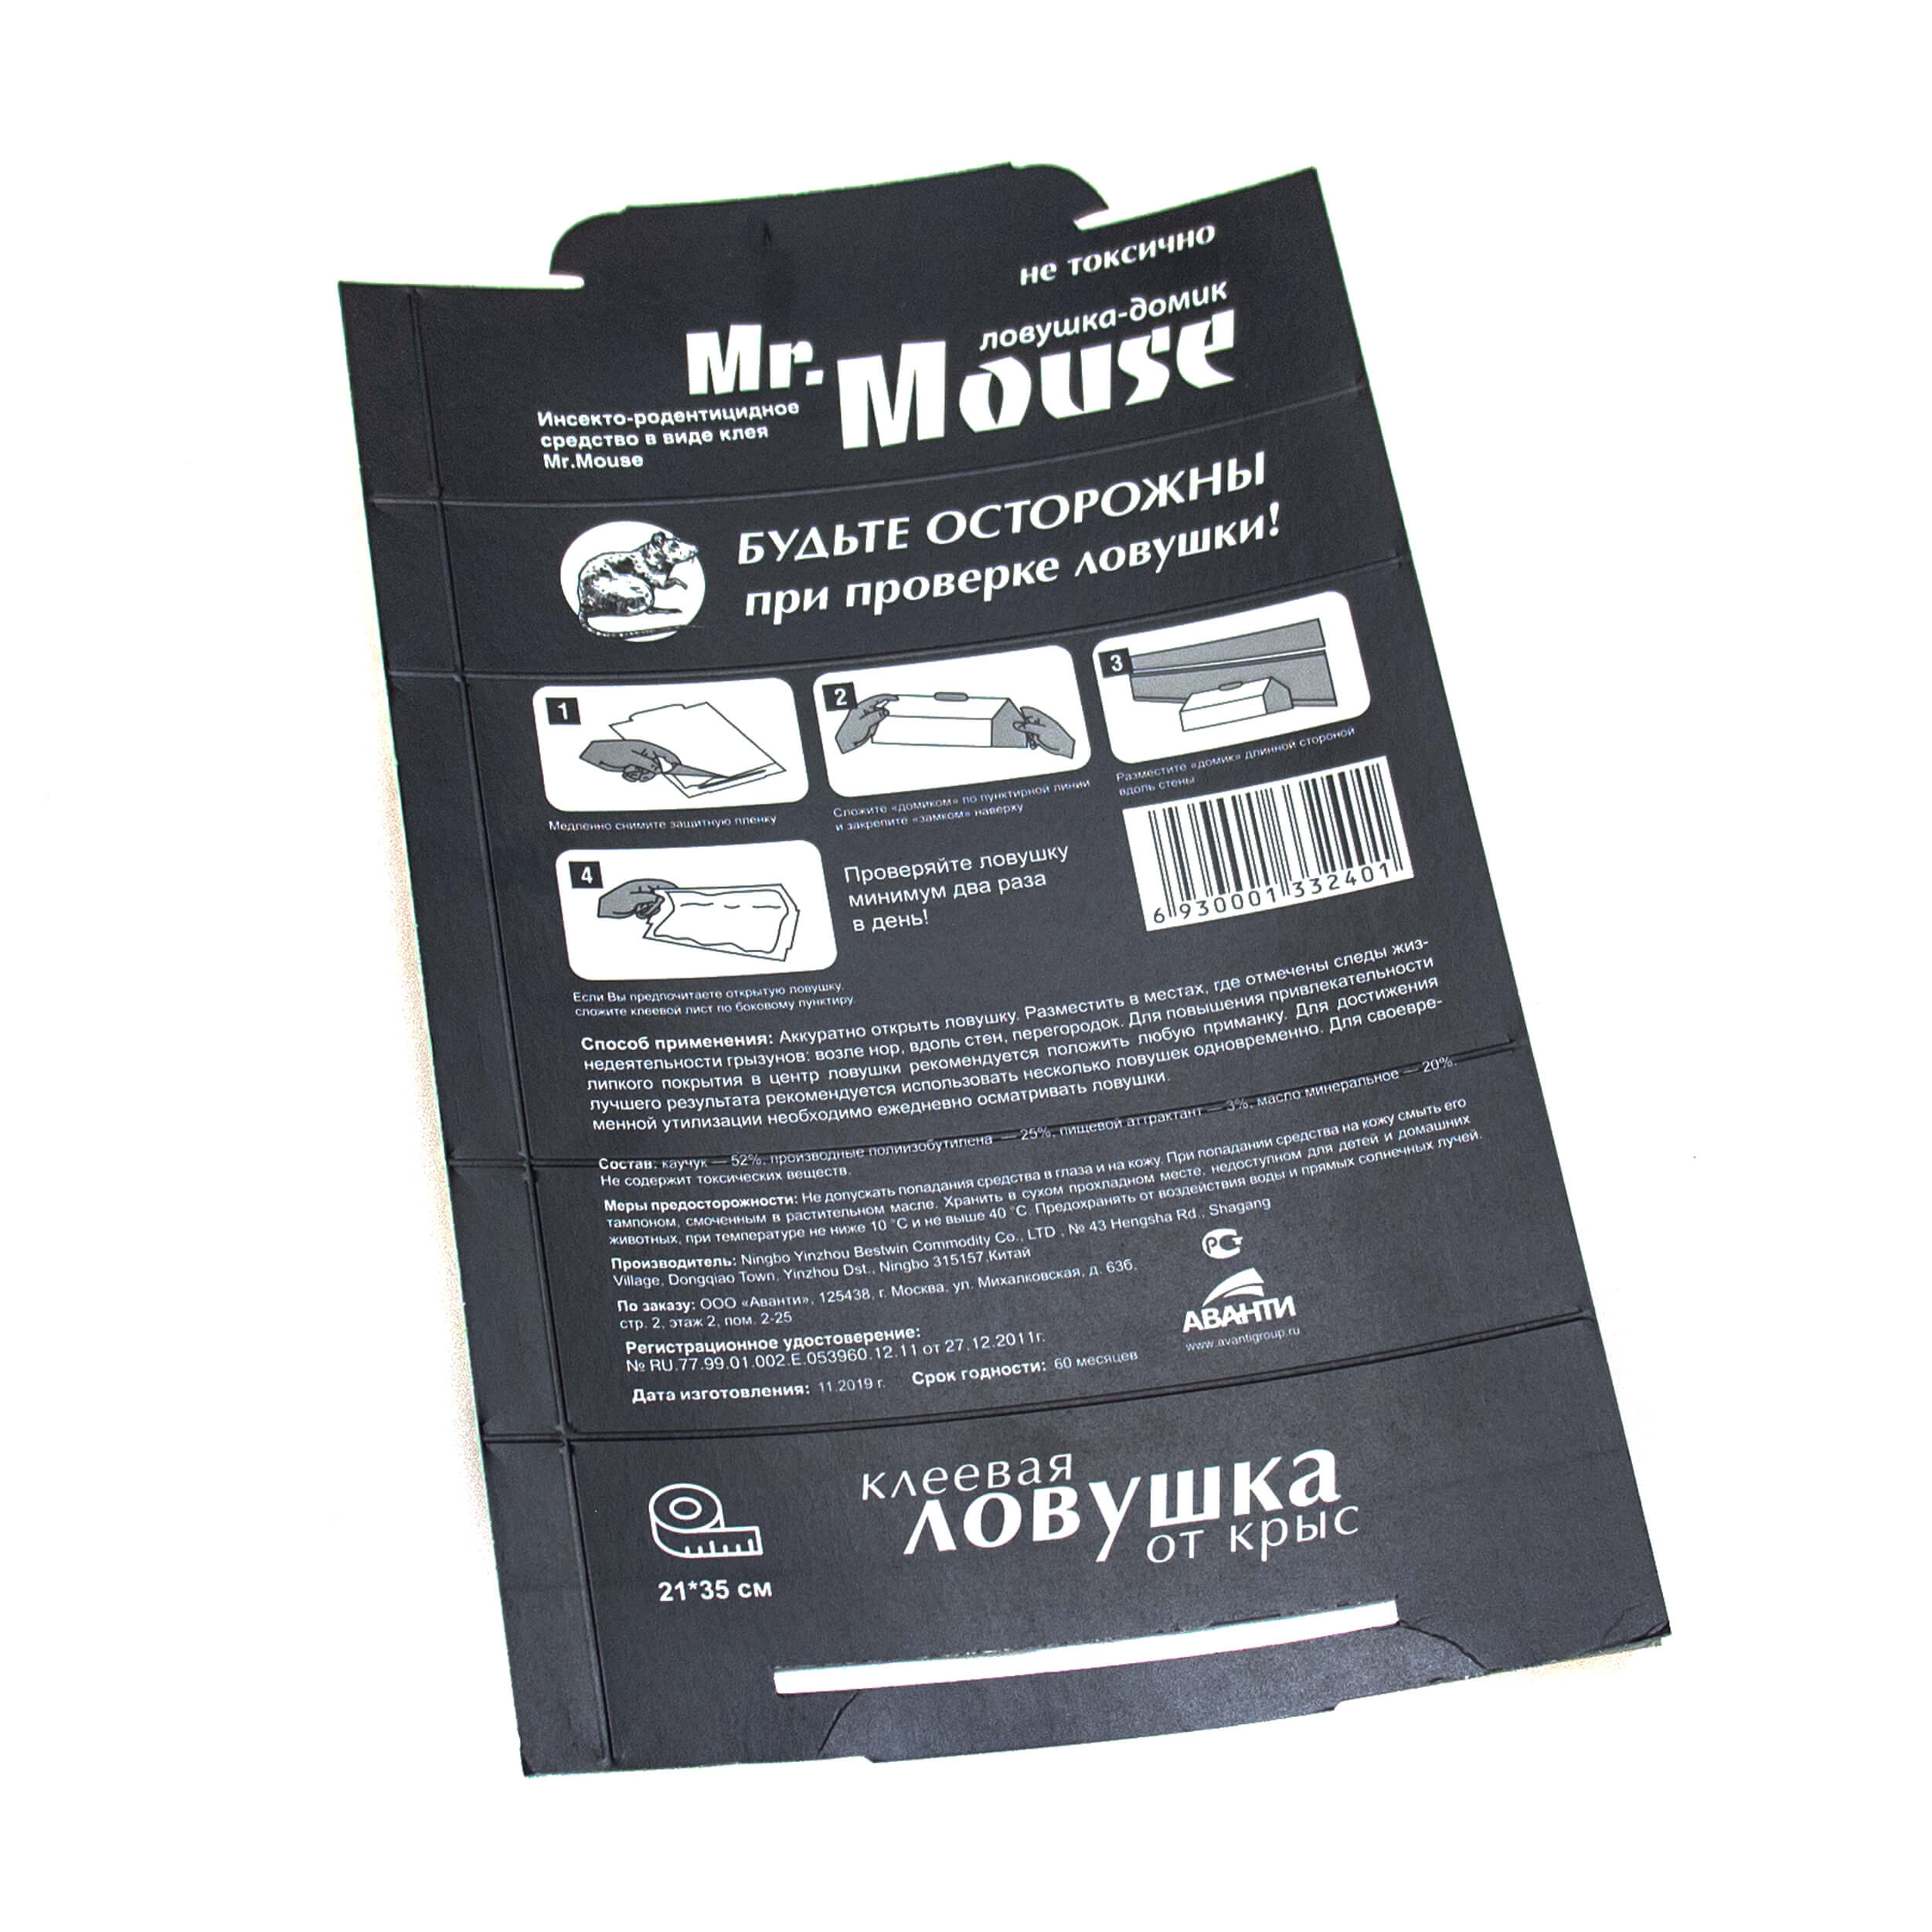 """Клеевая ловушка-домик """"Mr.Mouse"""" фото"""